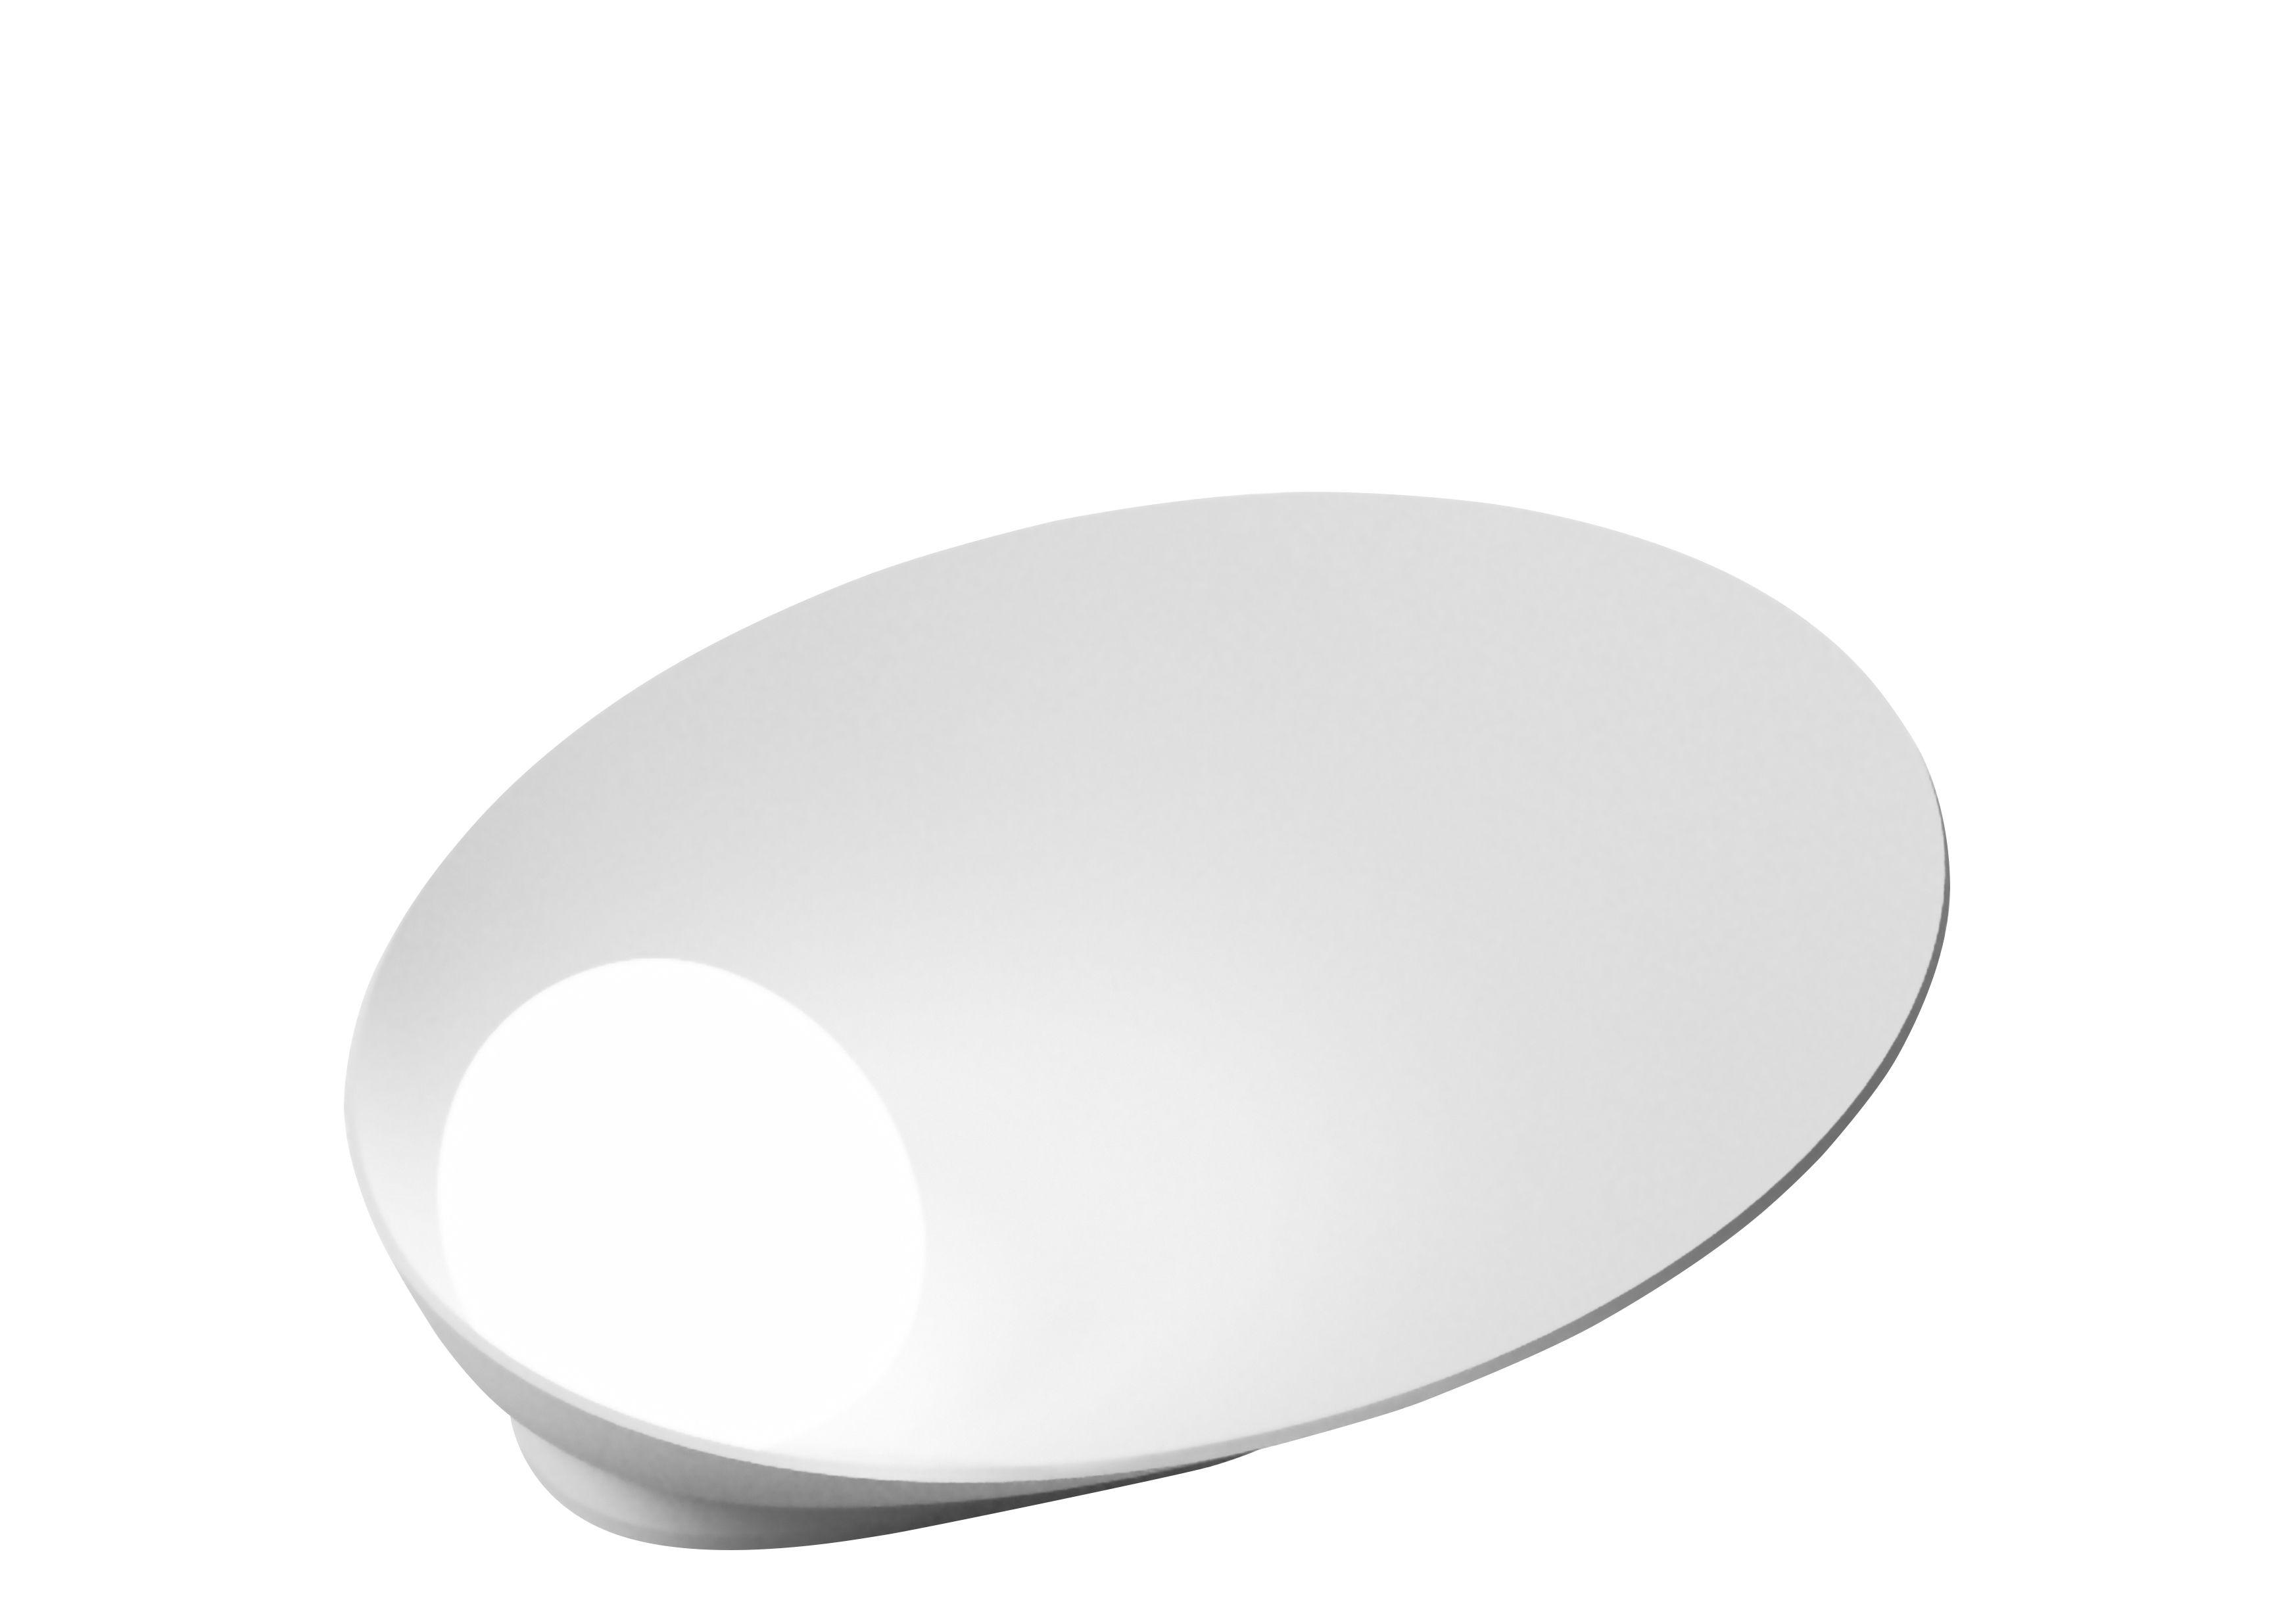 Lampadario Bianco Opaco : Lampada da tavolo musa vibia laccato bianco opaco l h x